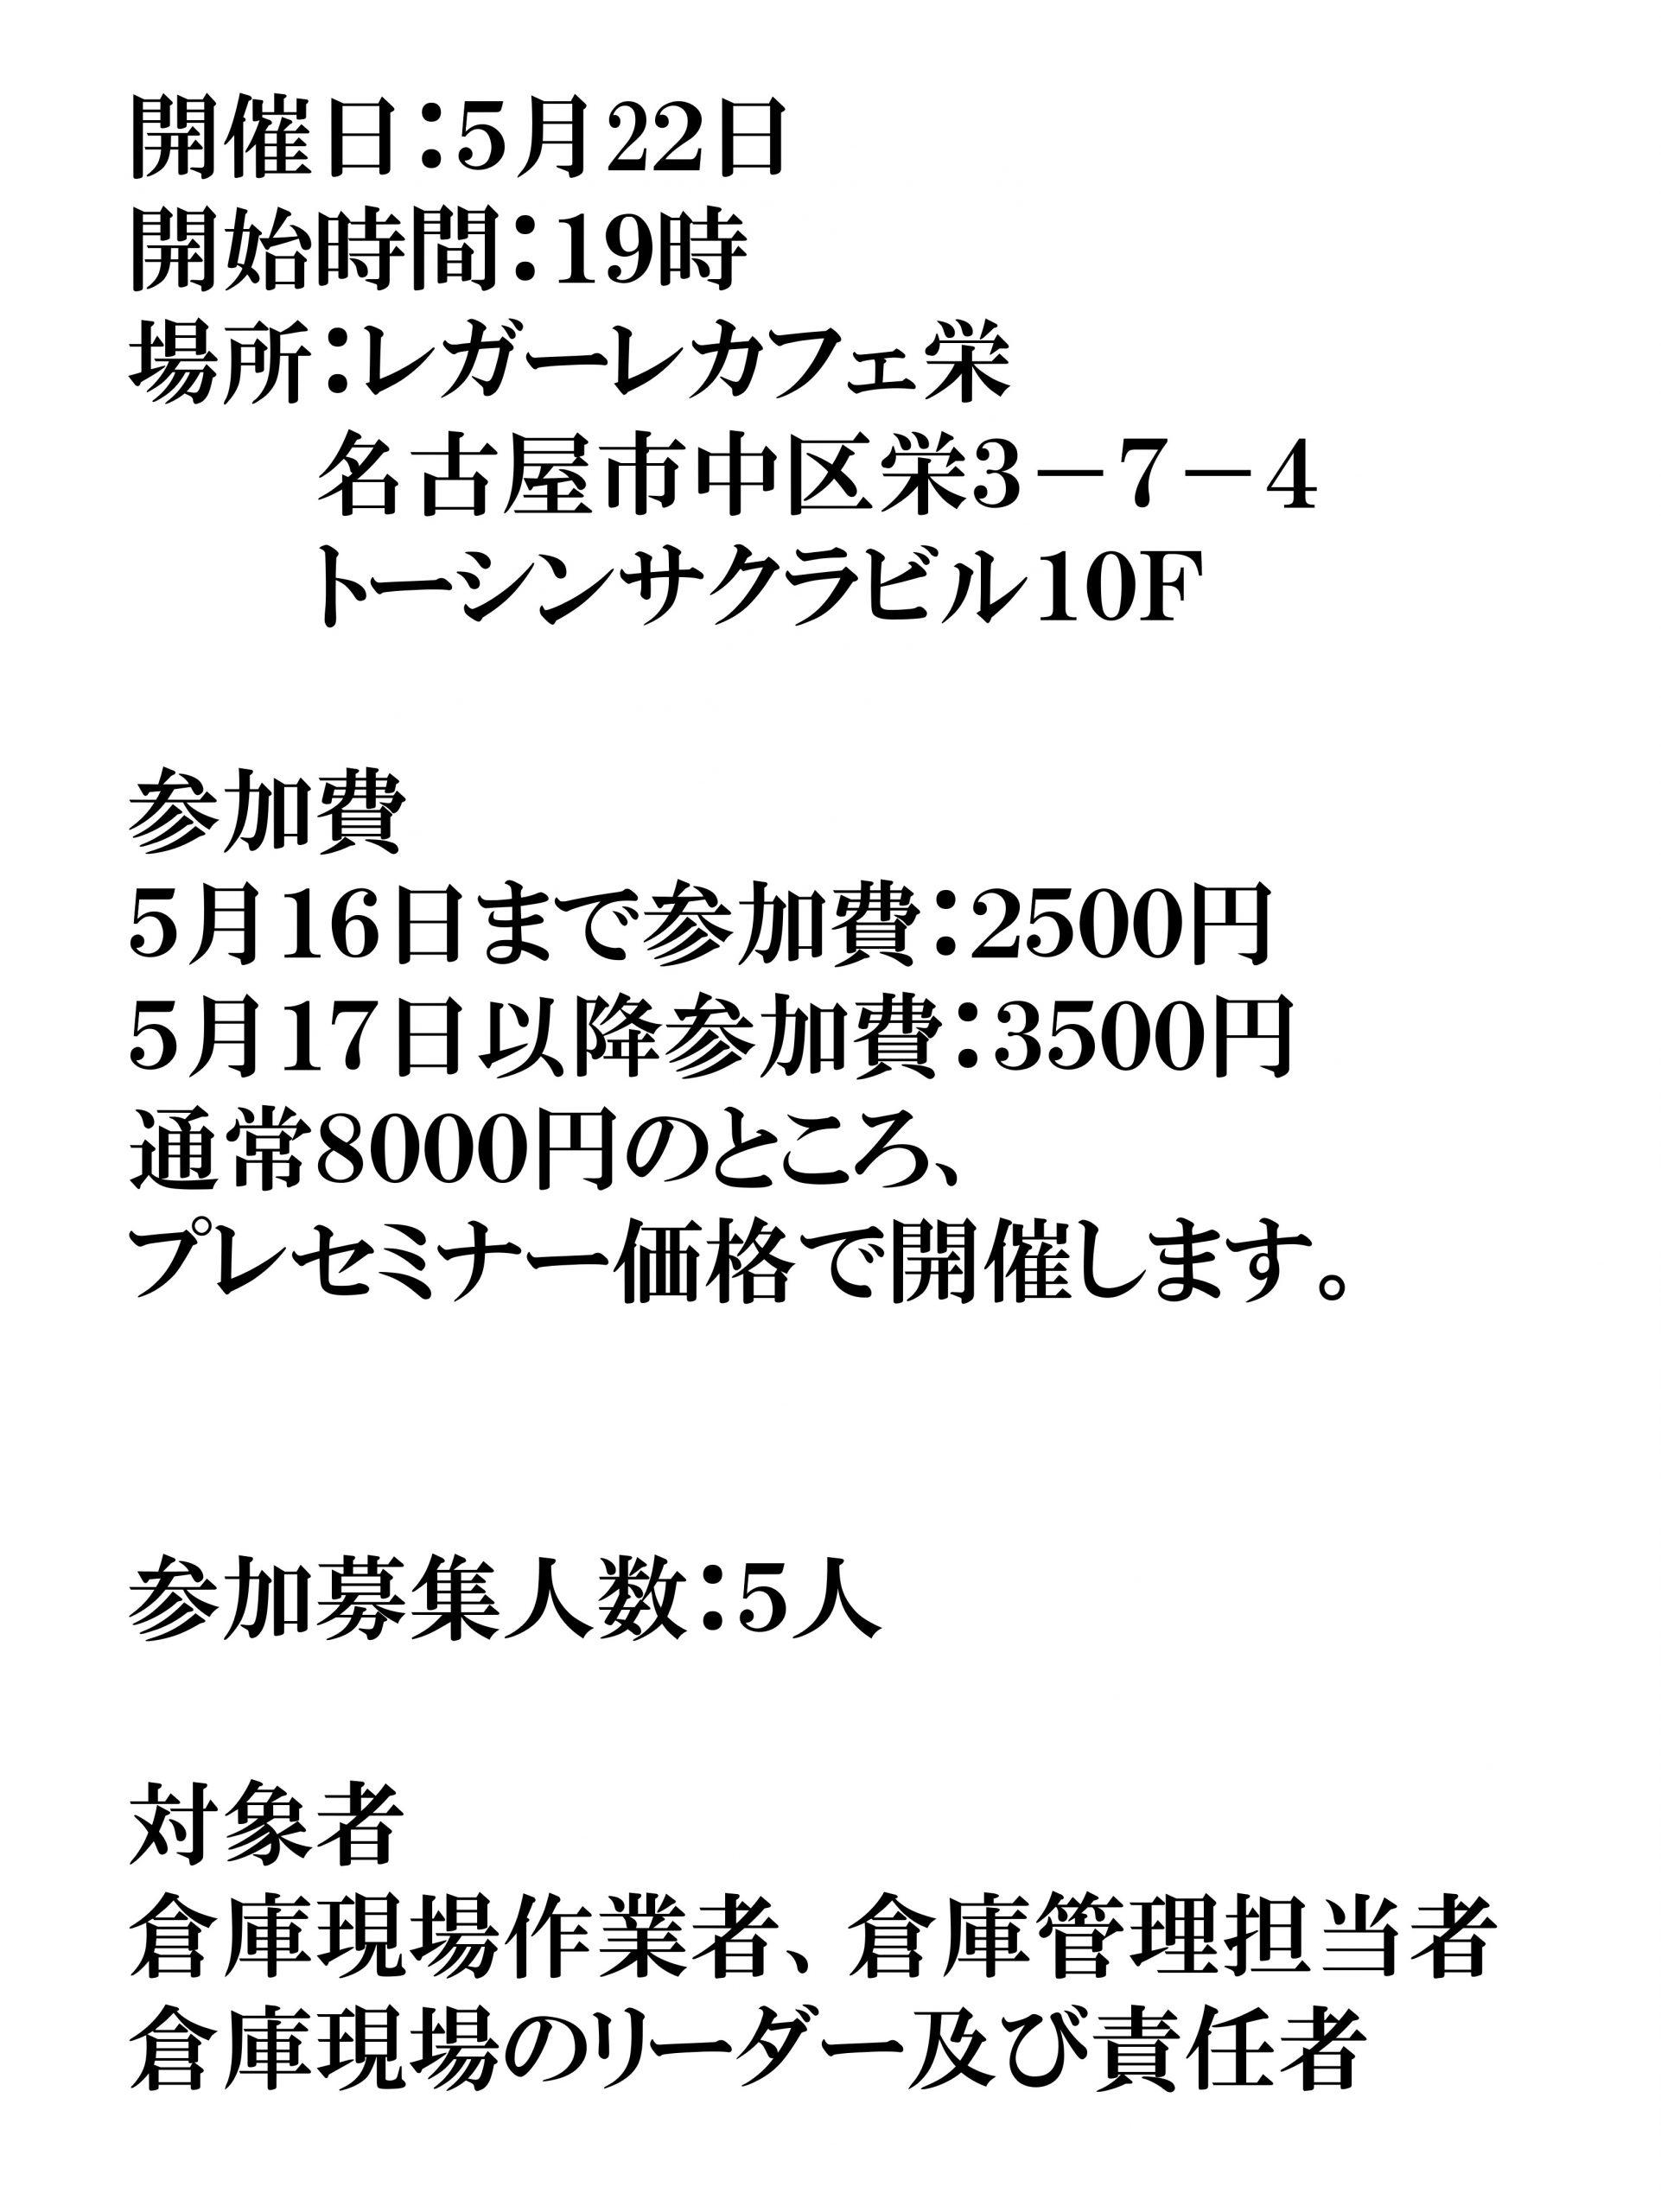 開催日:5月22日 開始時間:19時 場所:レガーレカフェ栄    名古屋市中区栄3-7-4    トーシンサクラビル10F 参加費 5月16日まで参加費:2500円 5月17日以降参加費:3500円 通常8000円のところ、 プレセミナー価格で開催します。 参加募集人数:5人 対象者 倉庫現場作業者、倉庫管理担当者 倉庫現場のリーダー及び責任者